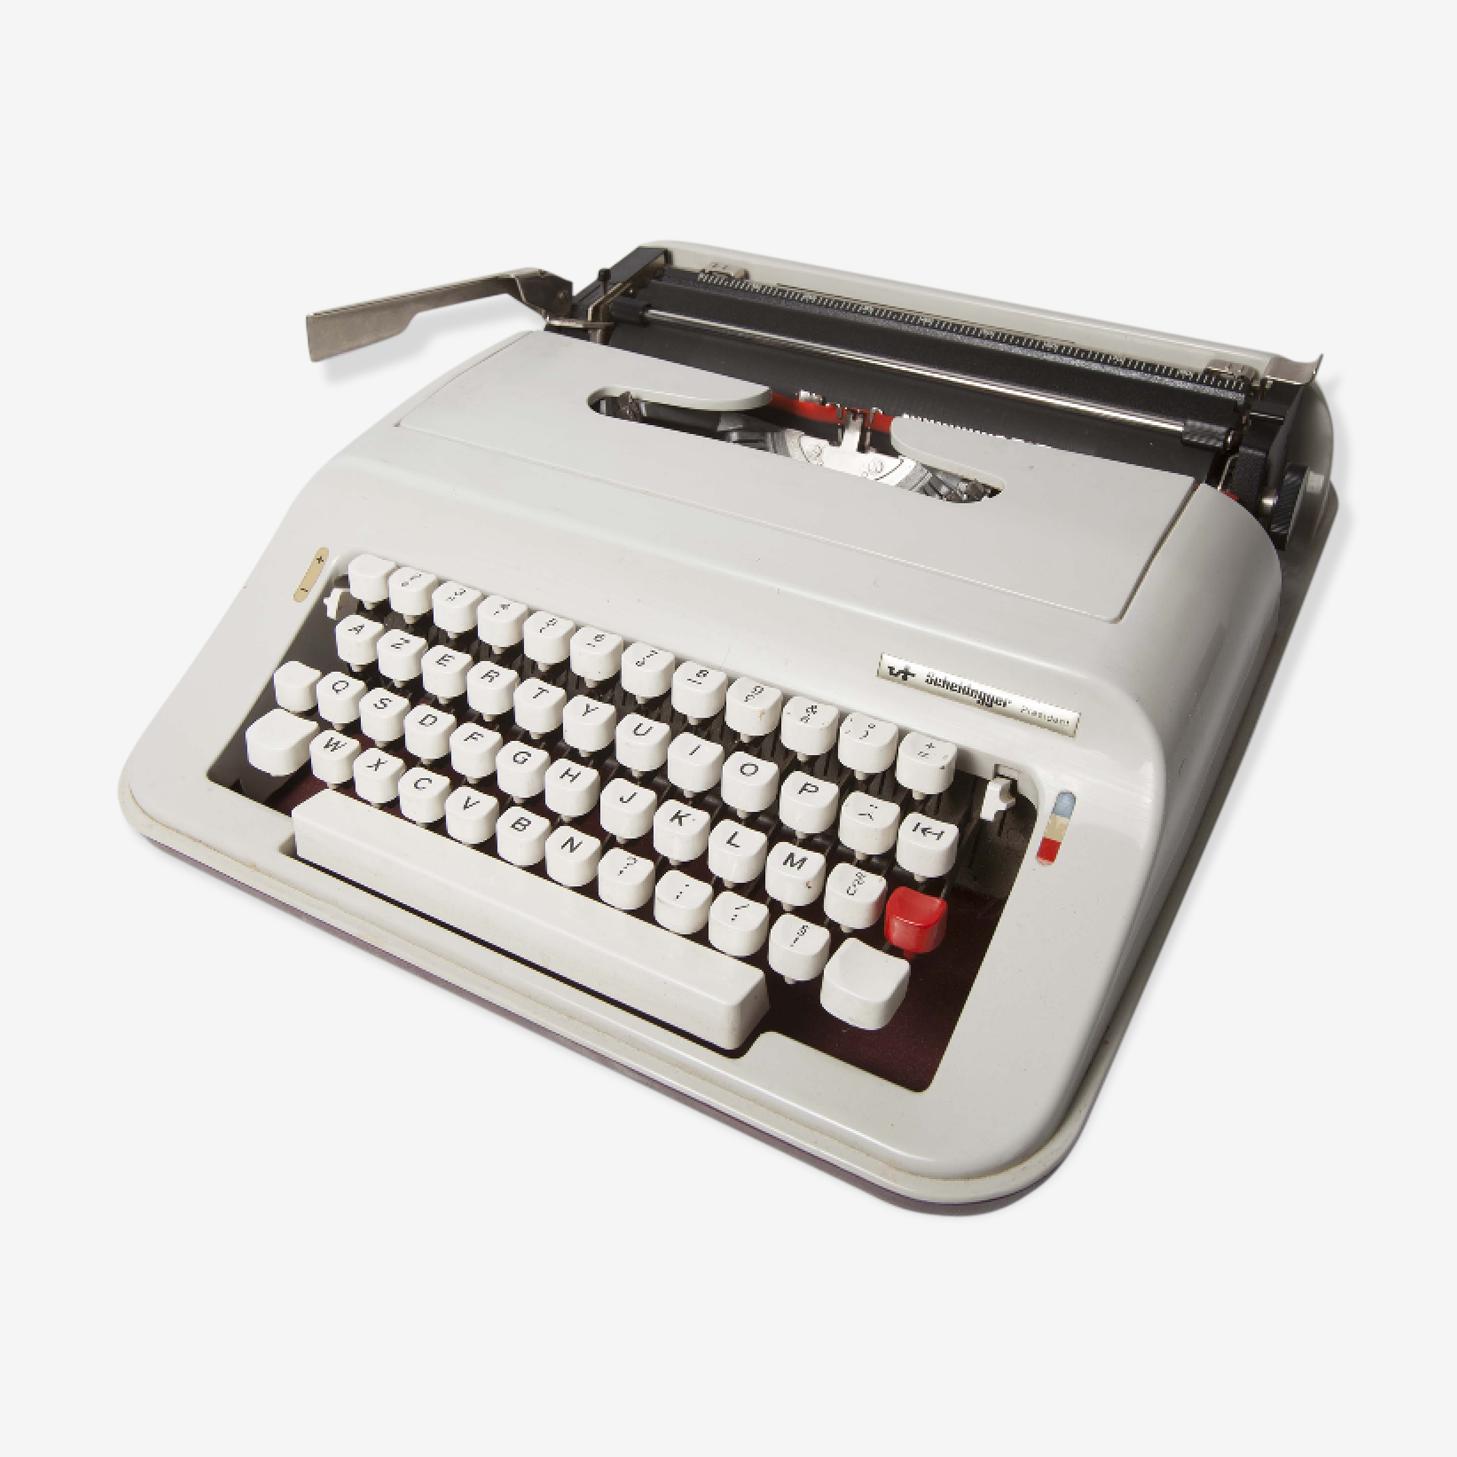 Machine à écrire Sheidegger Président par Olivetti